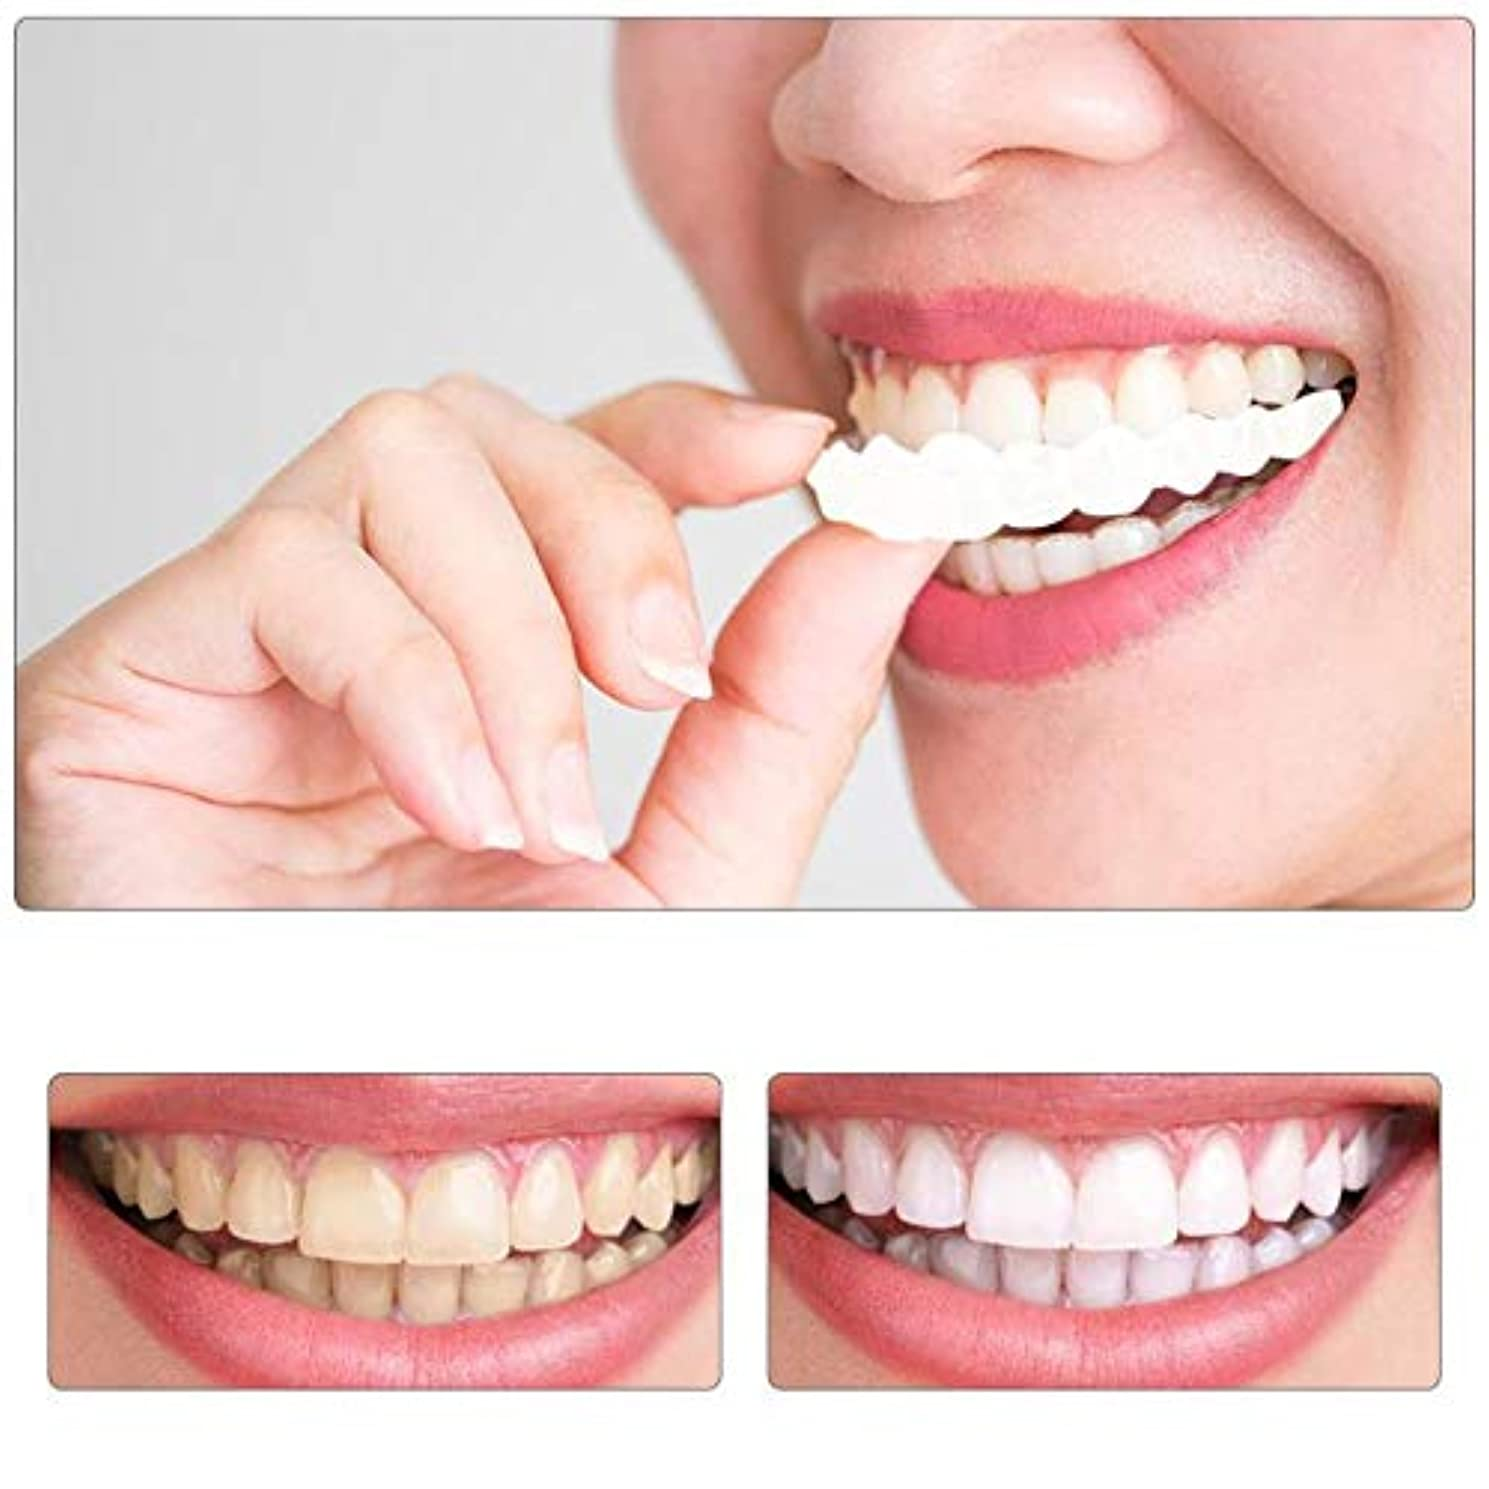 宿時代出口1ペア偽歯上部偽偽歯カバースナップオン即時歯化粧品義歯ケアオーラルケアプラスチックホワイトニング義歯